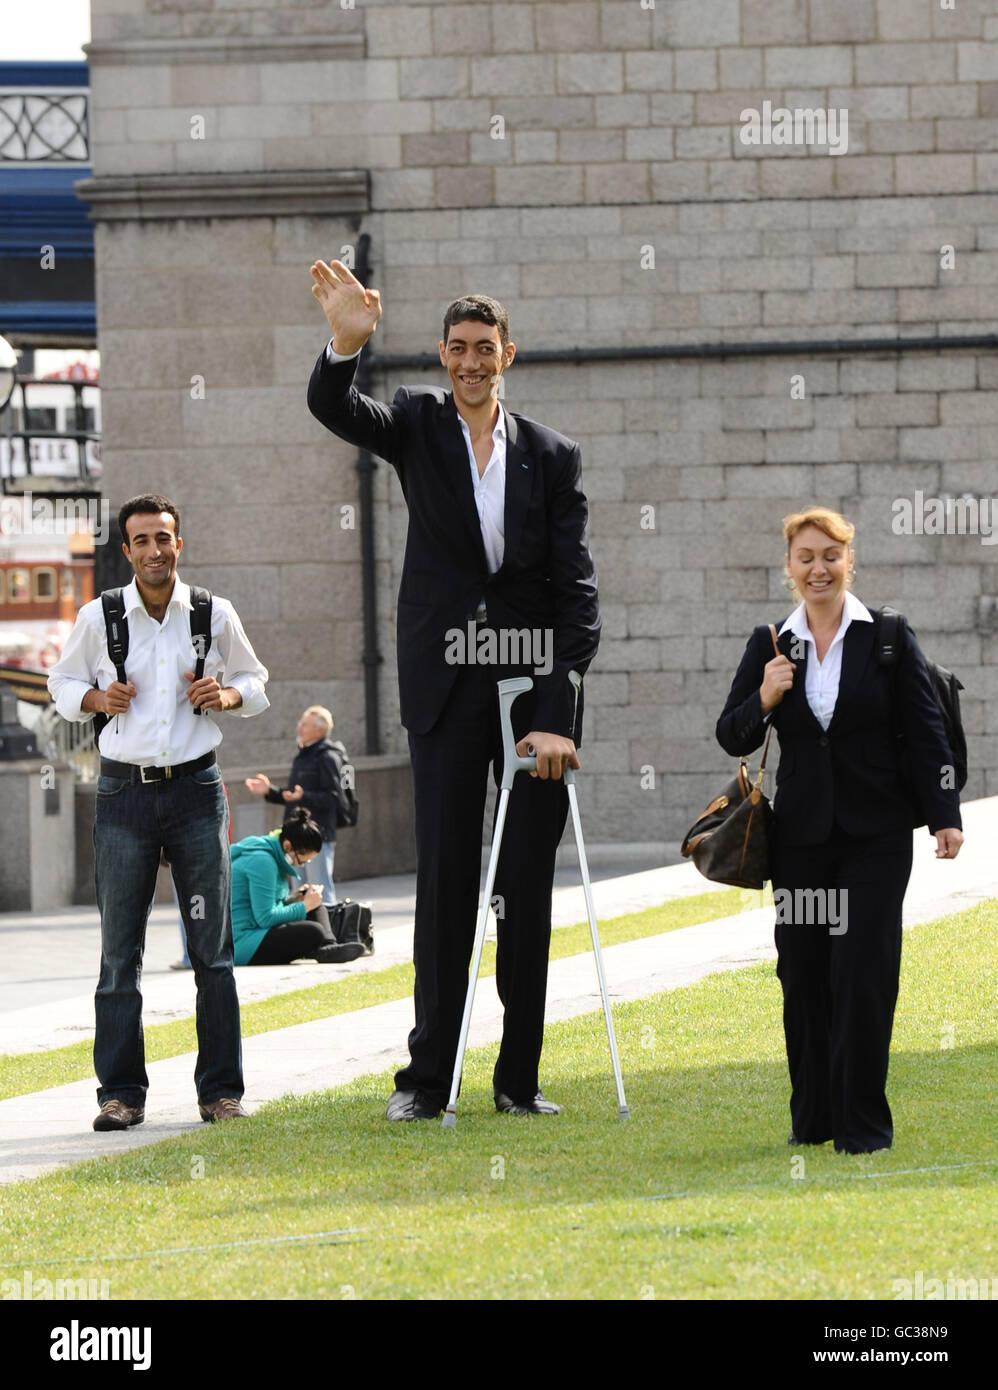 World S Most Beautiful: World's Tallest Man Stock Photos & World's Tallest Man